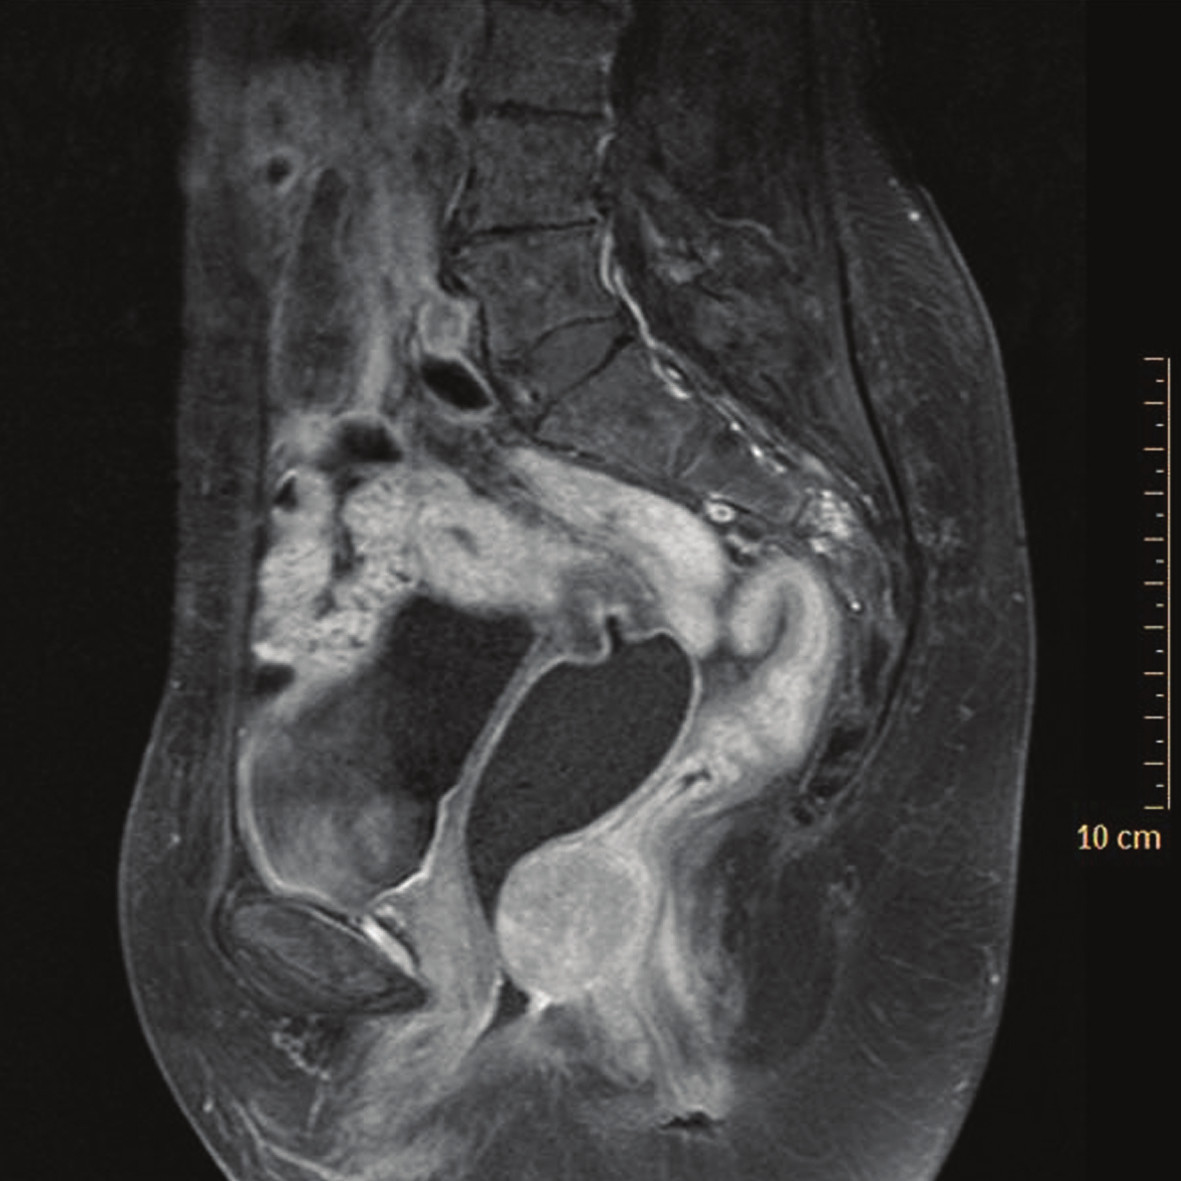 Obr. 1a. Sagitálny rez panvou v T1 vážení s vysýtením gadolíniom (26. 8. 2009) - pred liečbou.